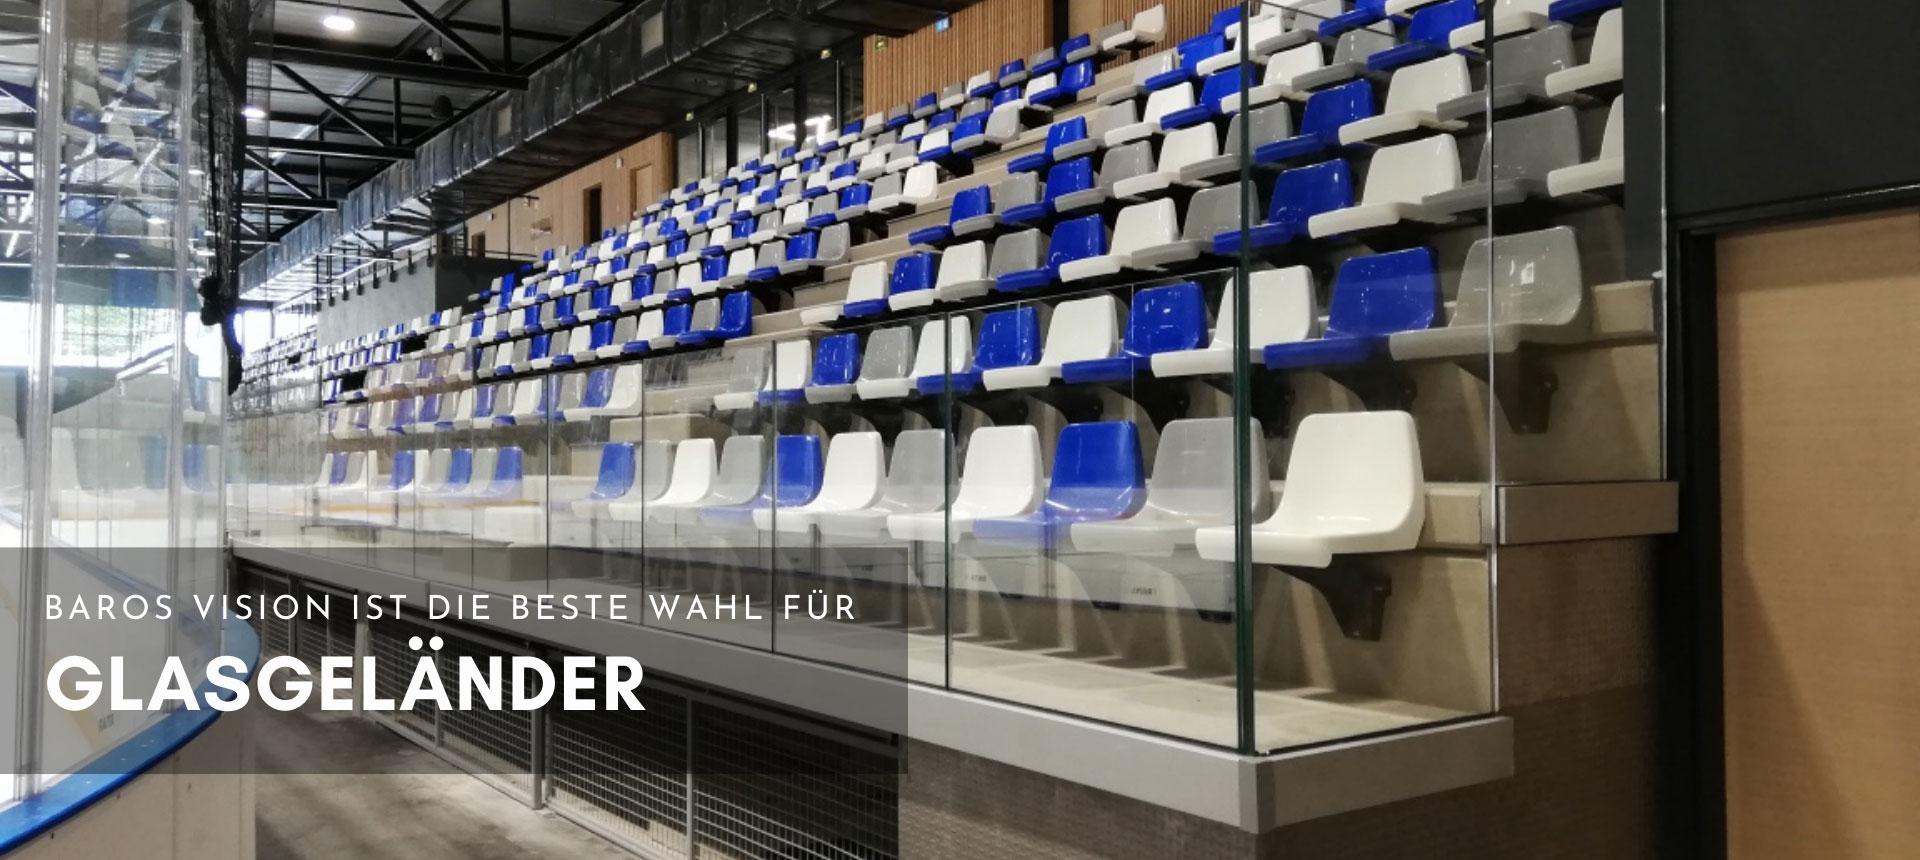 Glasgeländer am Stadionmobil montiert